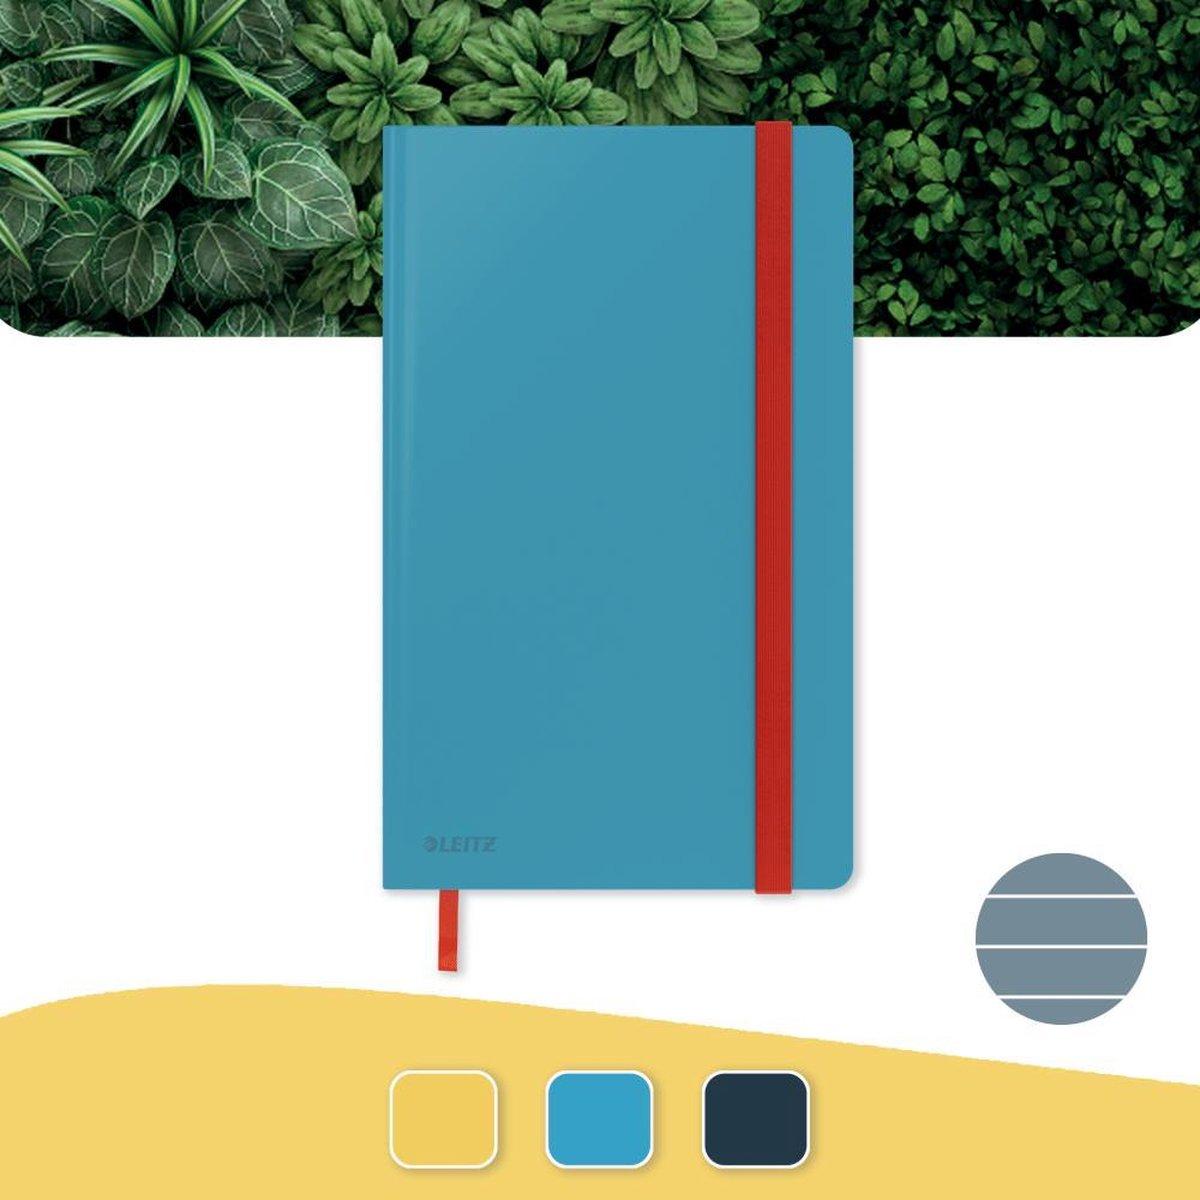 Leitz Cosy Notitieboek A5 Soft Touch Gelijnd - Notitieboek Hard Cover - Voor Kantoor En Thuiswerken - Sereen Blauw - Ideaal Voor Thuiskantoor